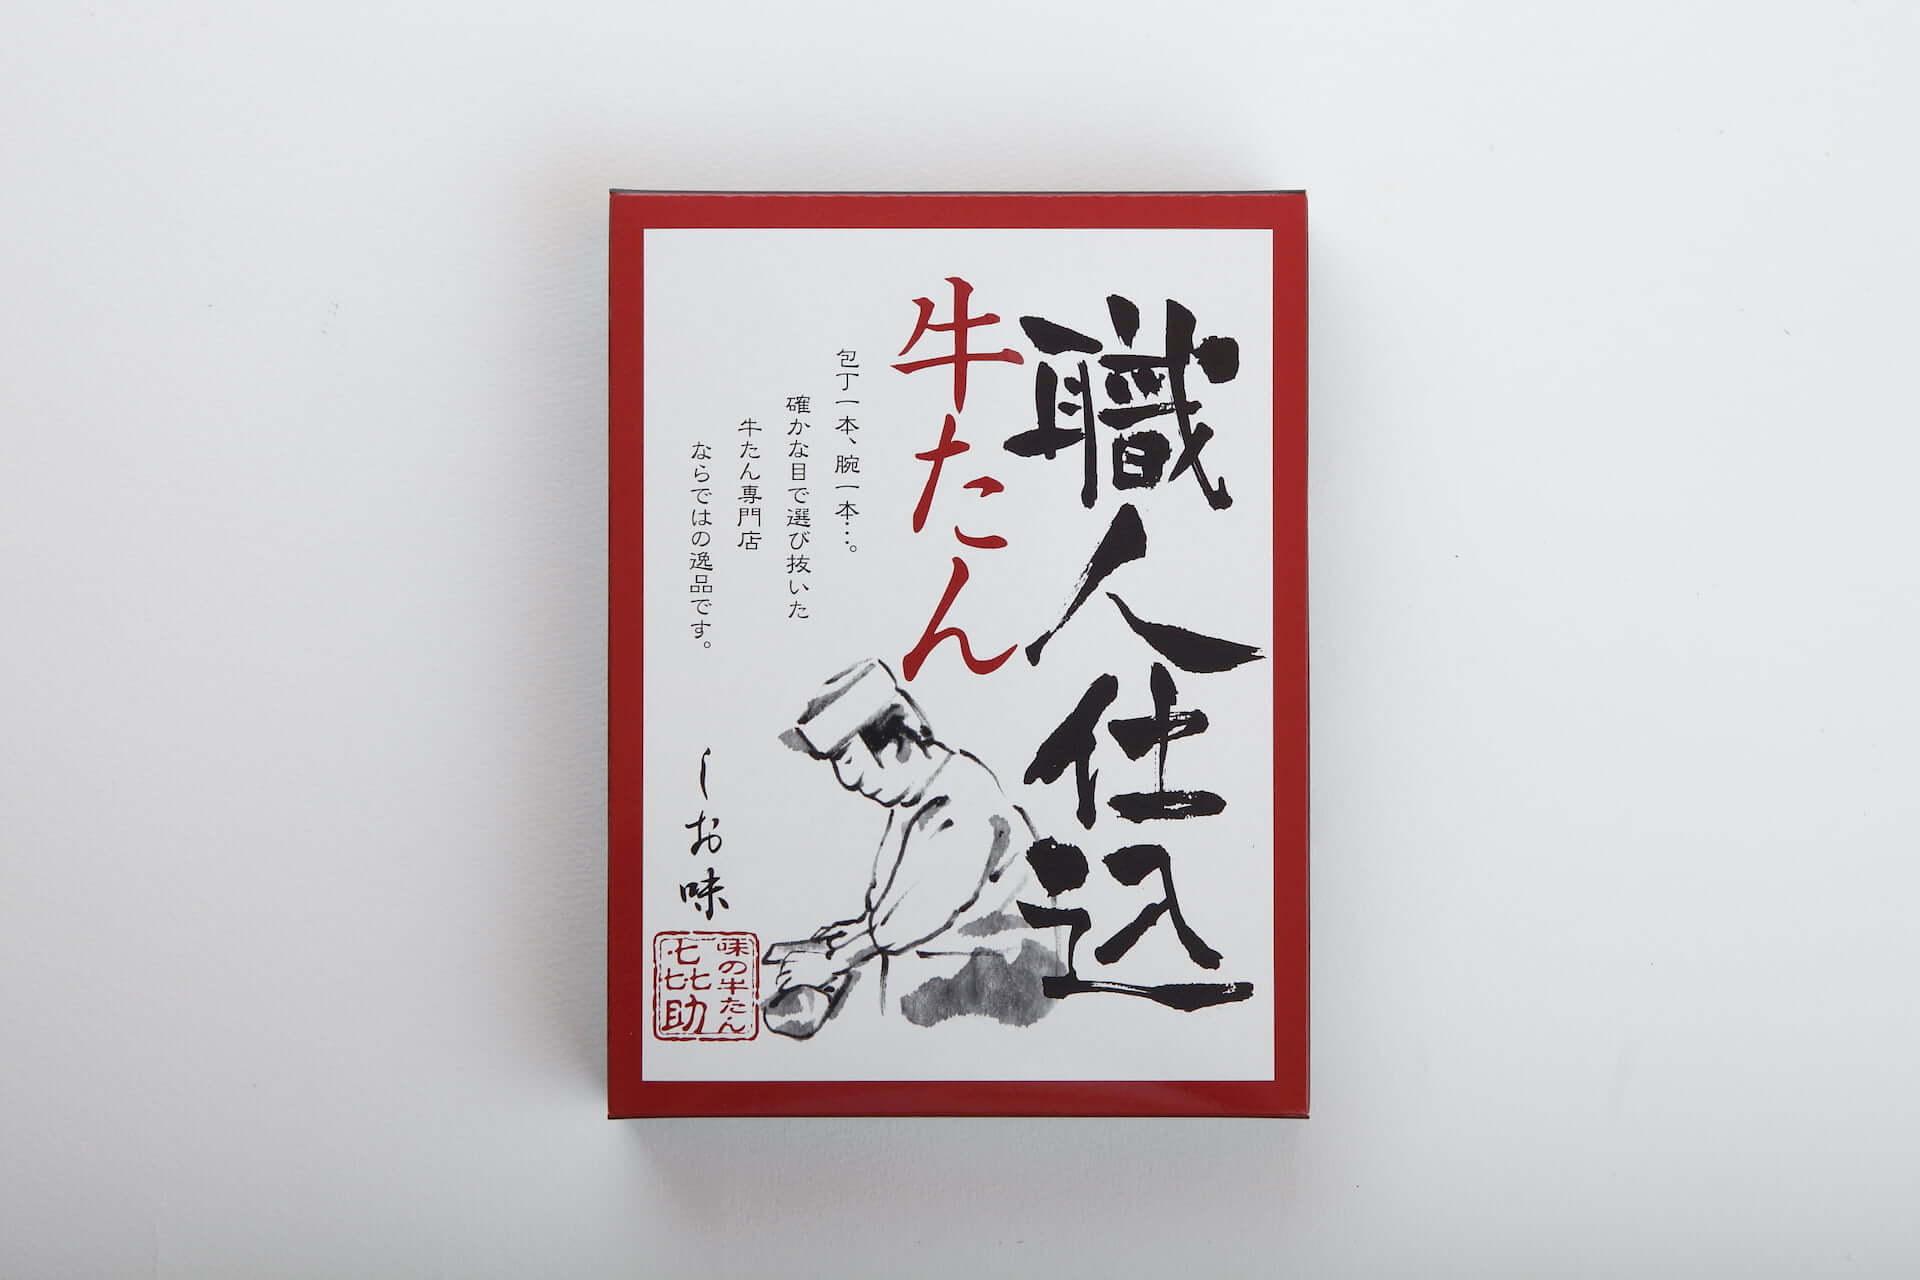 「味の牛たん喜助」の職人が仕込むジューシーな牛たんから期間限定の『たれ味』が登場!『しお味』との食べ比べセットも発売決定 gourmet210120_kisuke_3-1920x1280